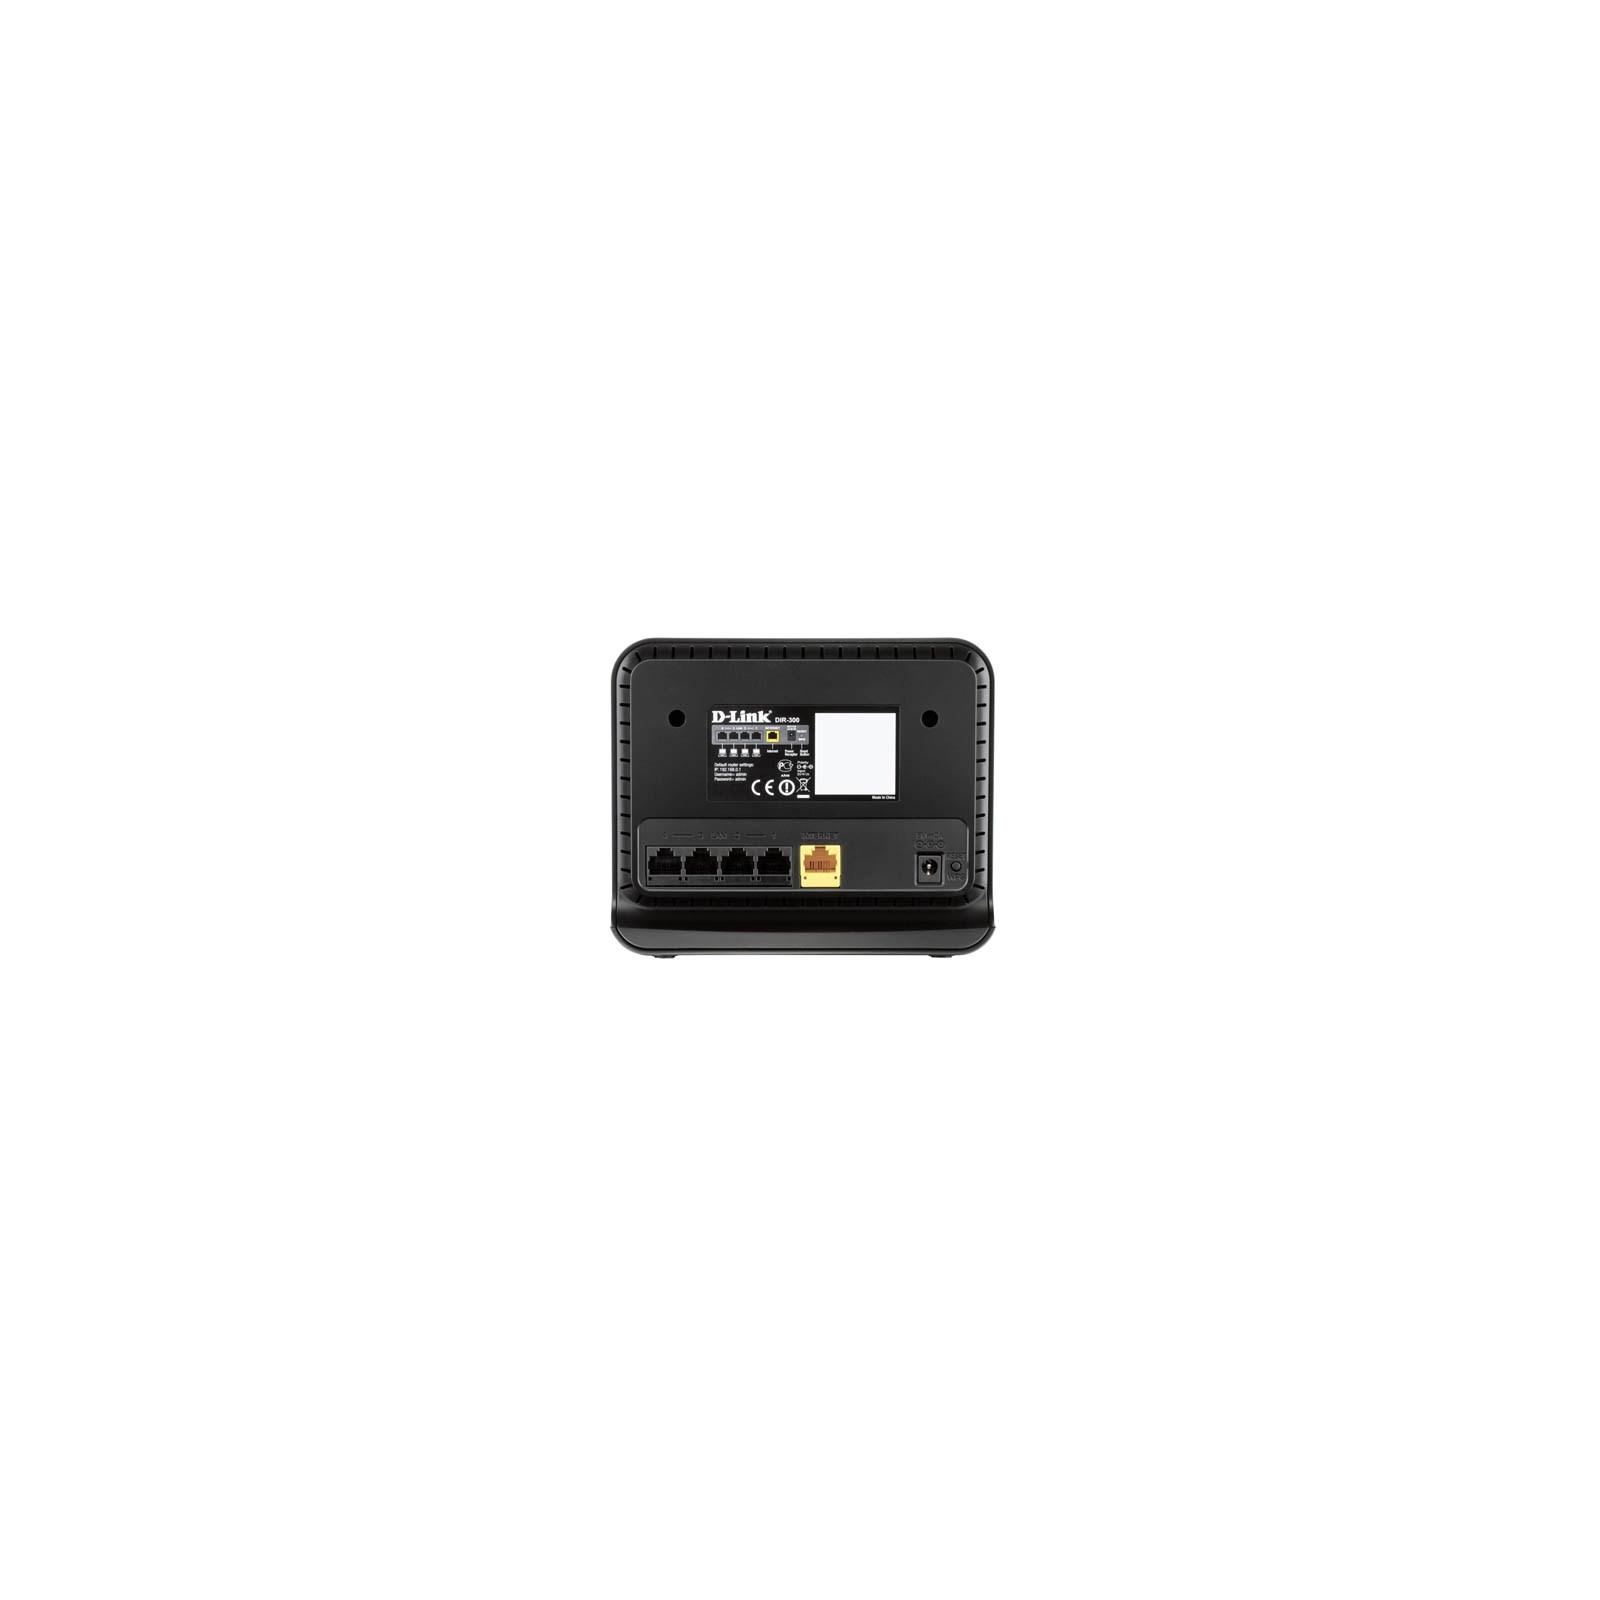 Маршрутизатор D-Link DIR-300/NRU/B7 изображение 2